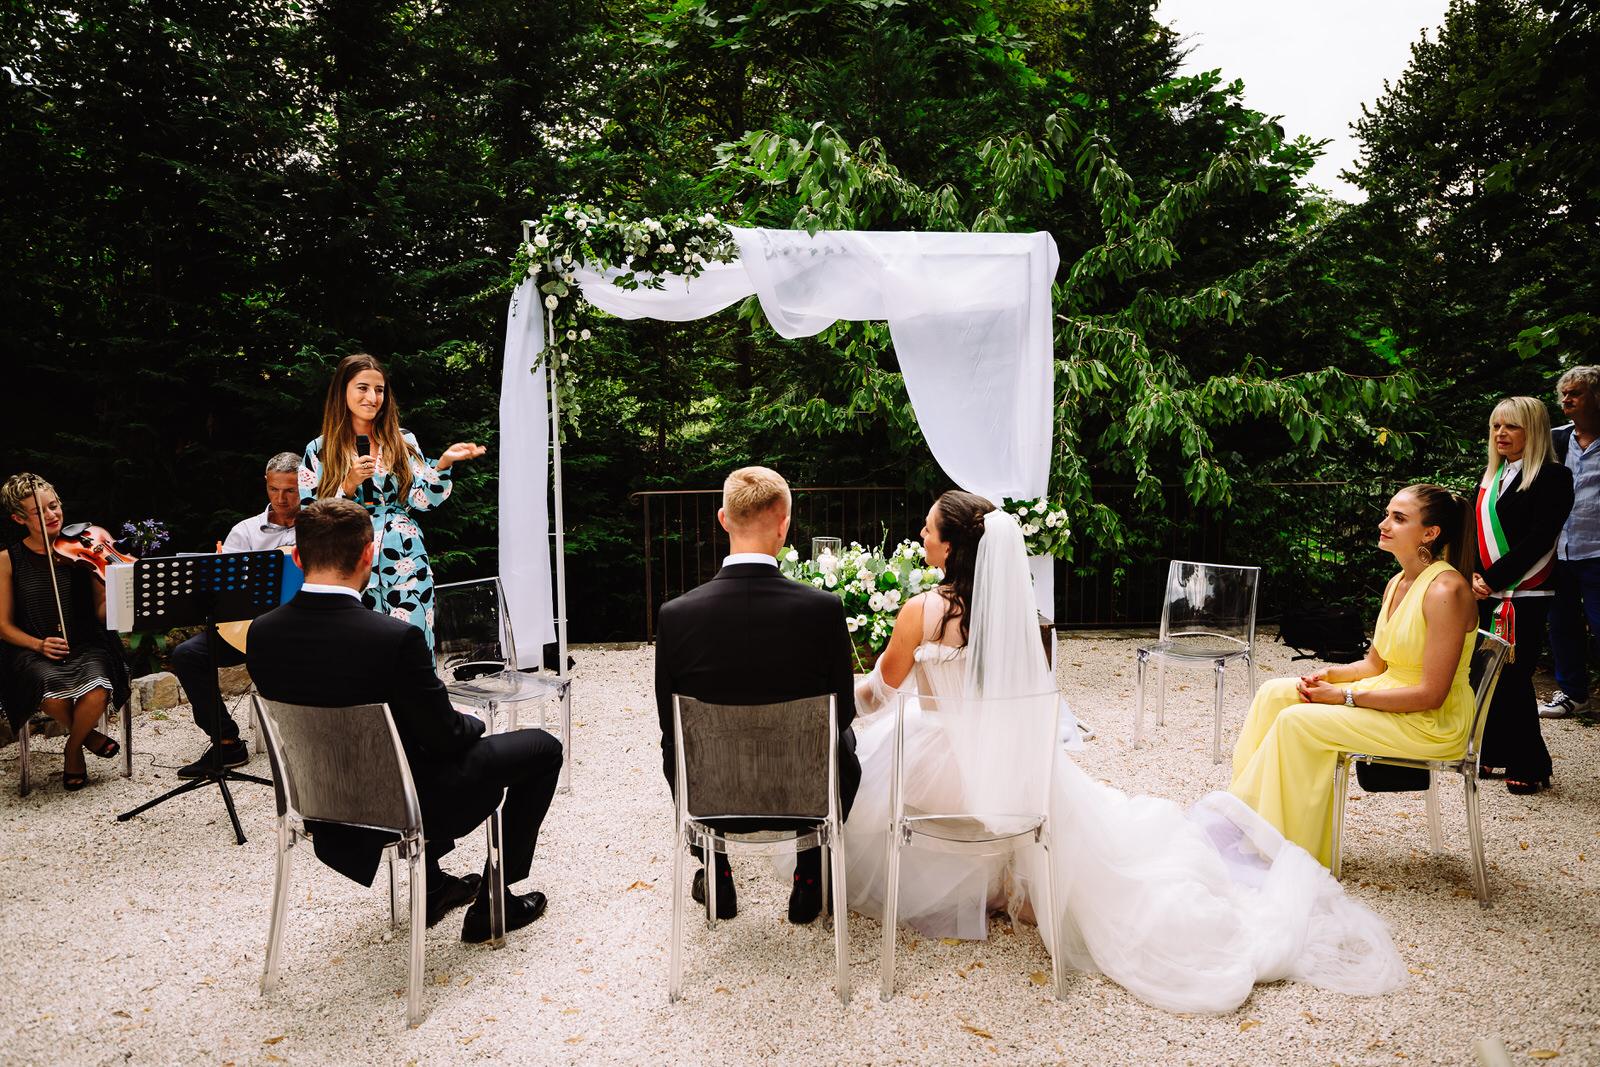 Matrimonio-nelle-Marche-01